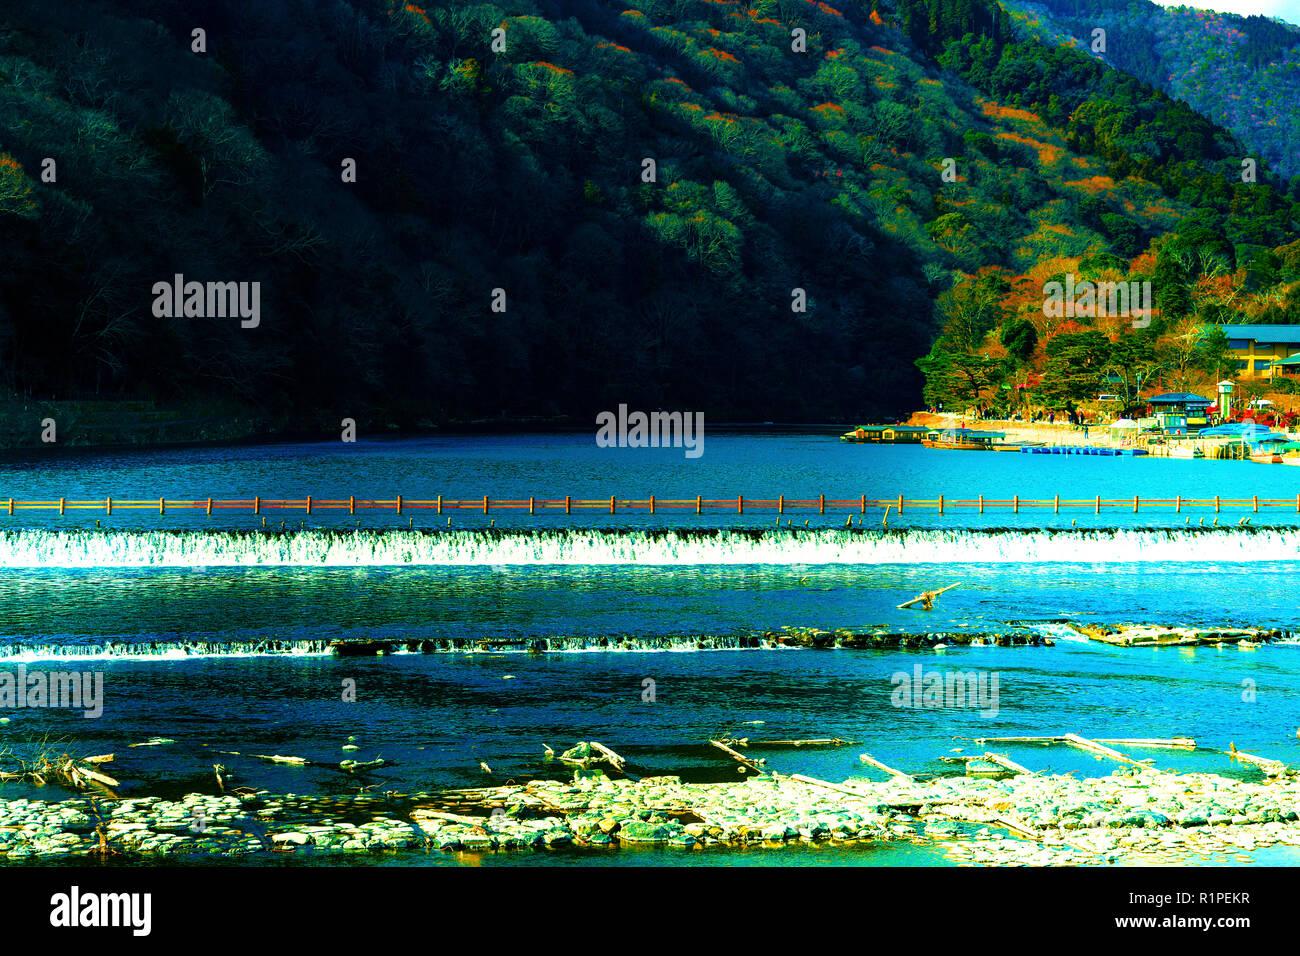 katsura River in Kyoto Japan at Arashiyama district, Kyoto, Japan. - Stock Image